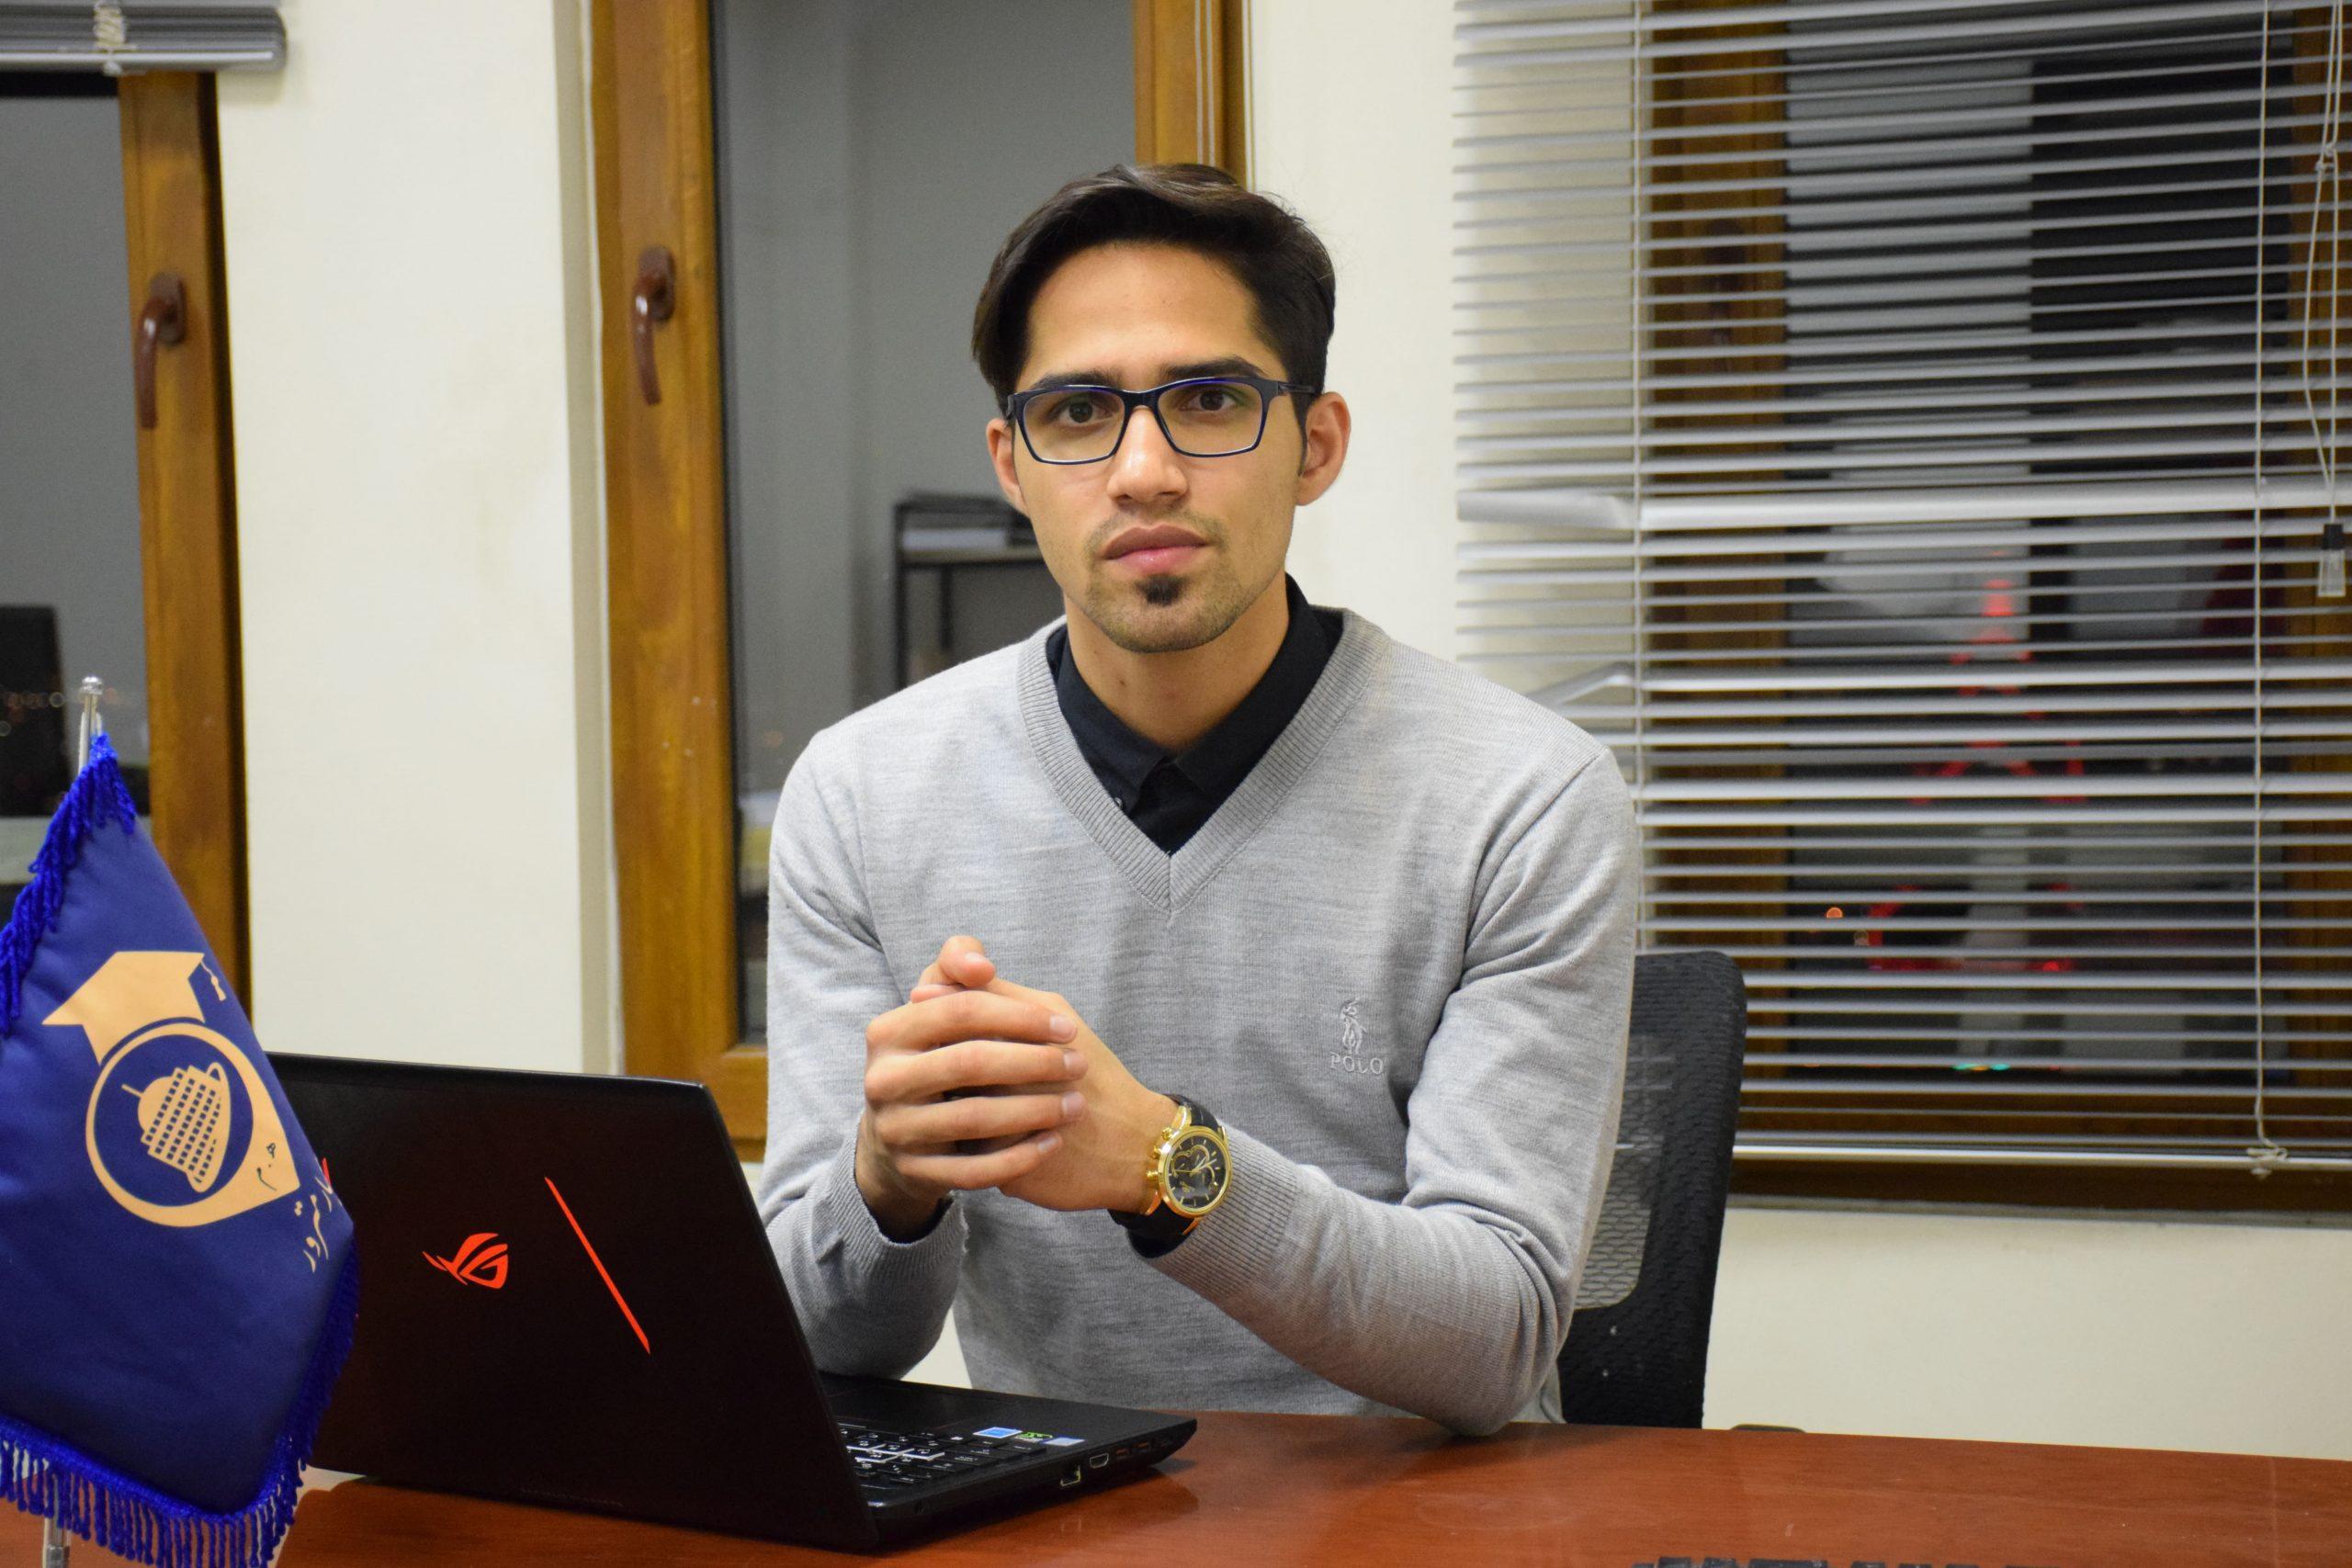 مهندس محمد کرایلو - کارشناس امور پیمان ها، متره و برآورد